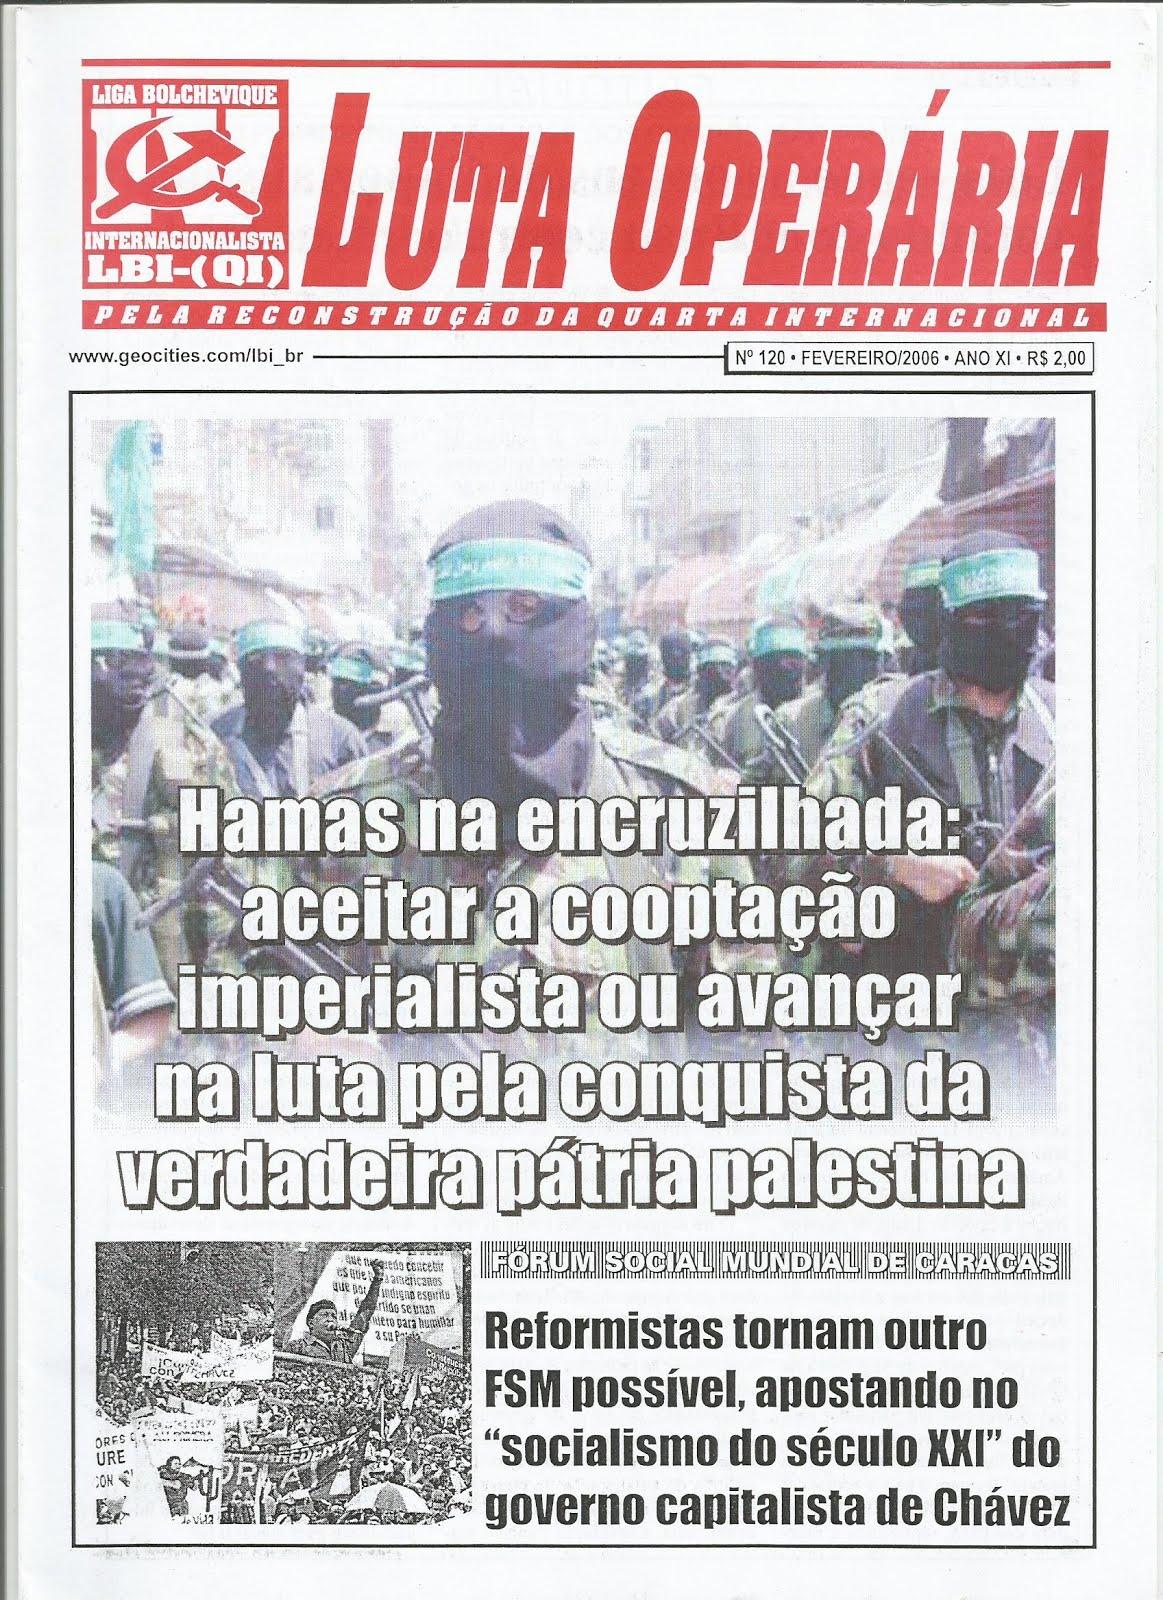 LEIA A EDIÇÃO DO JORNAL LUTA OPERÁRIA Nº 120 - FEVEREIRO/2006